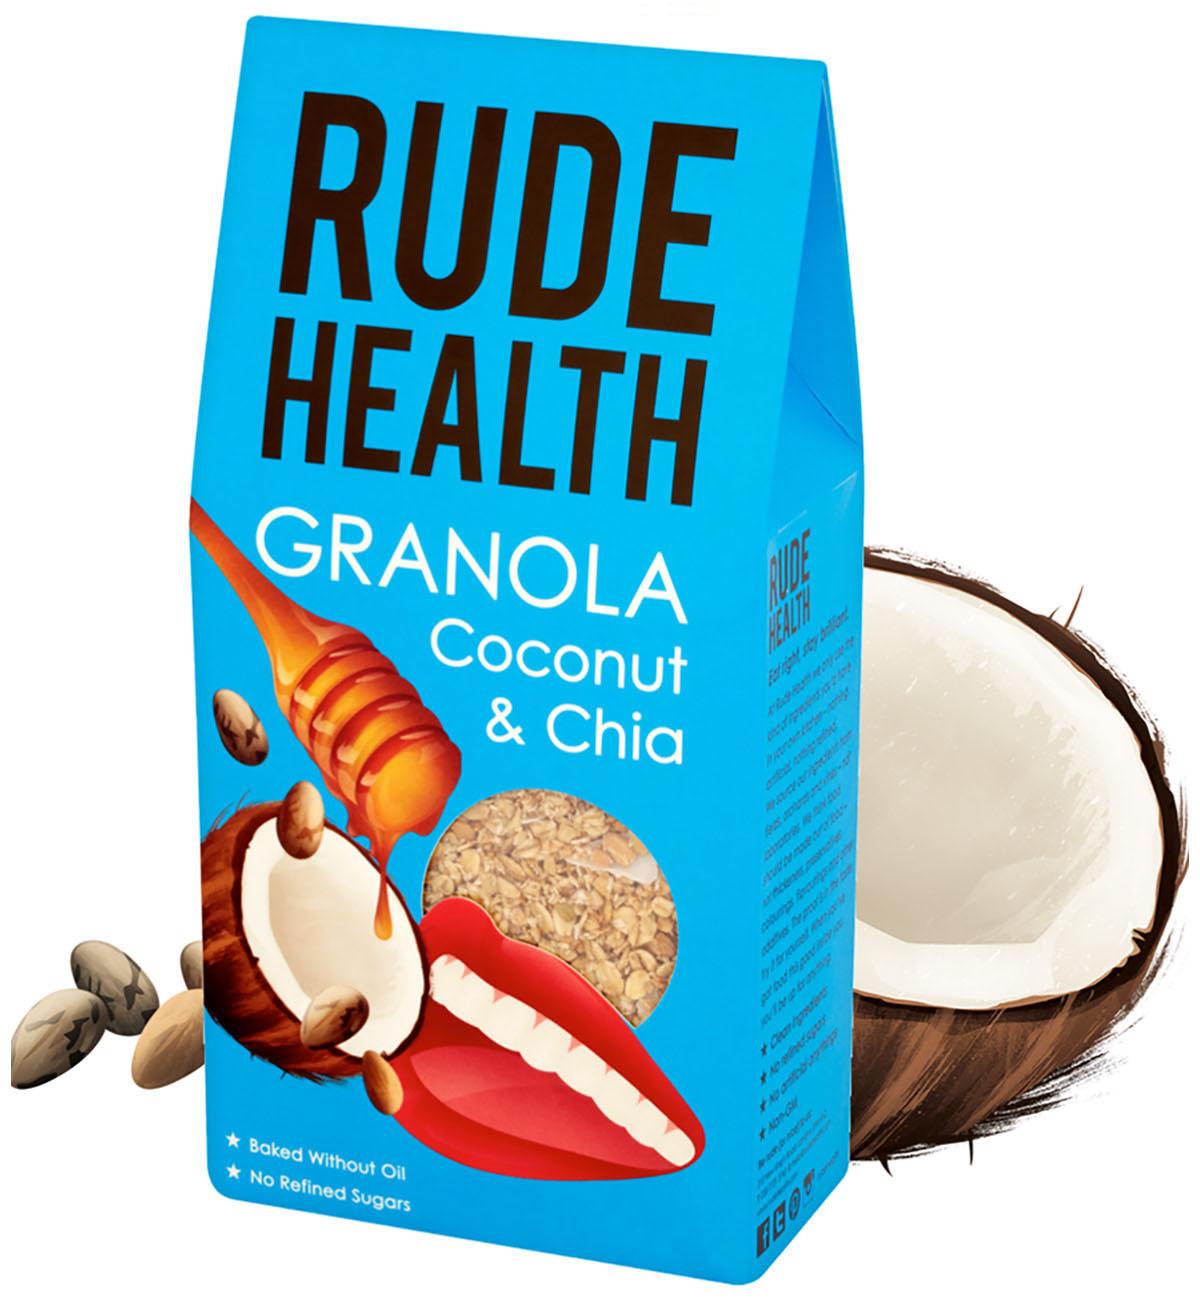 Granola CoconutChia - Bien manger pour rester brillant - Rude Health